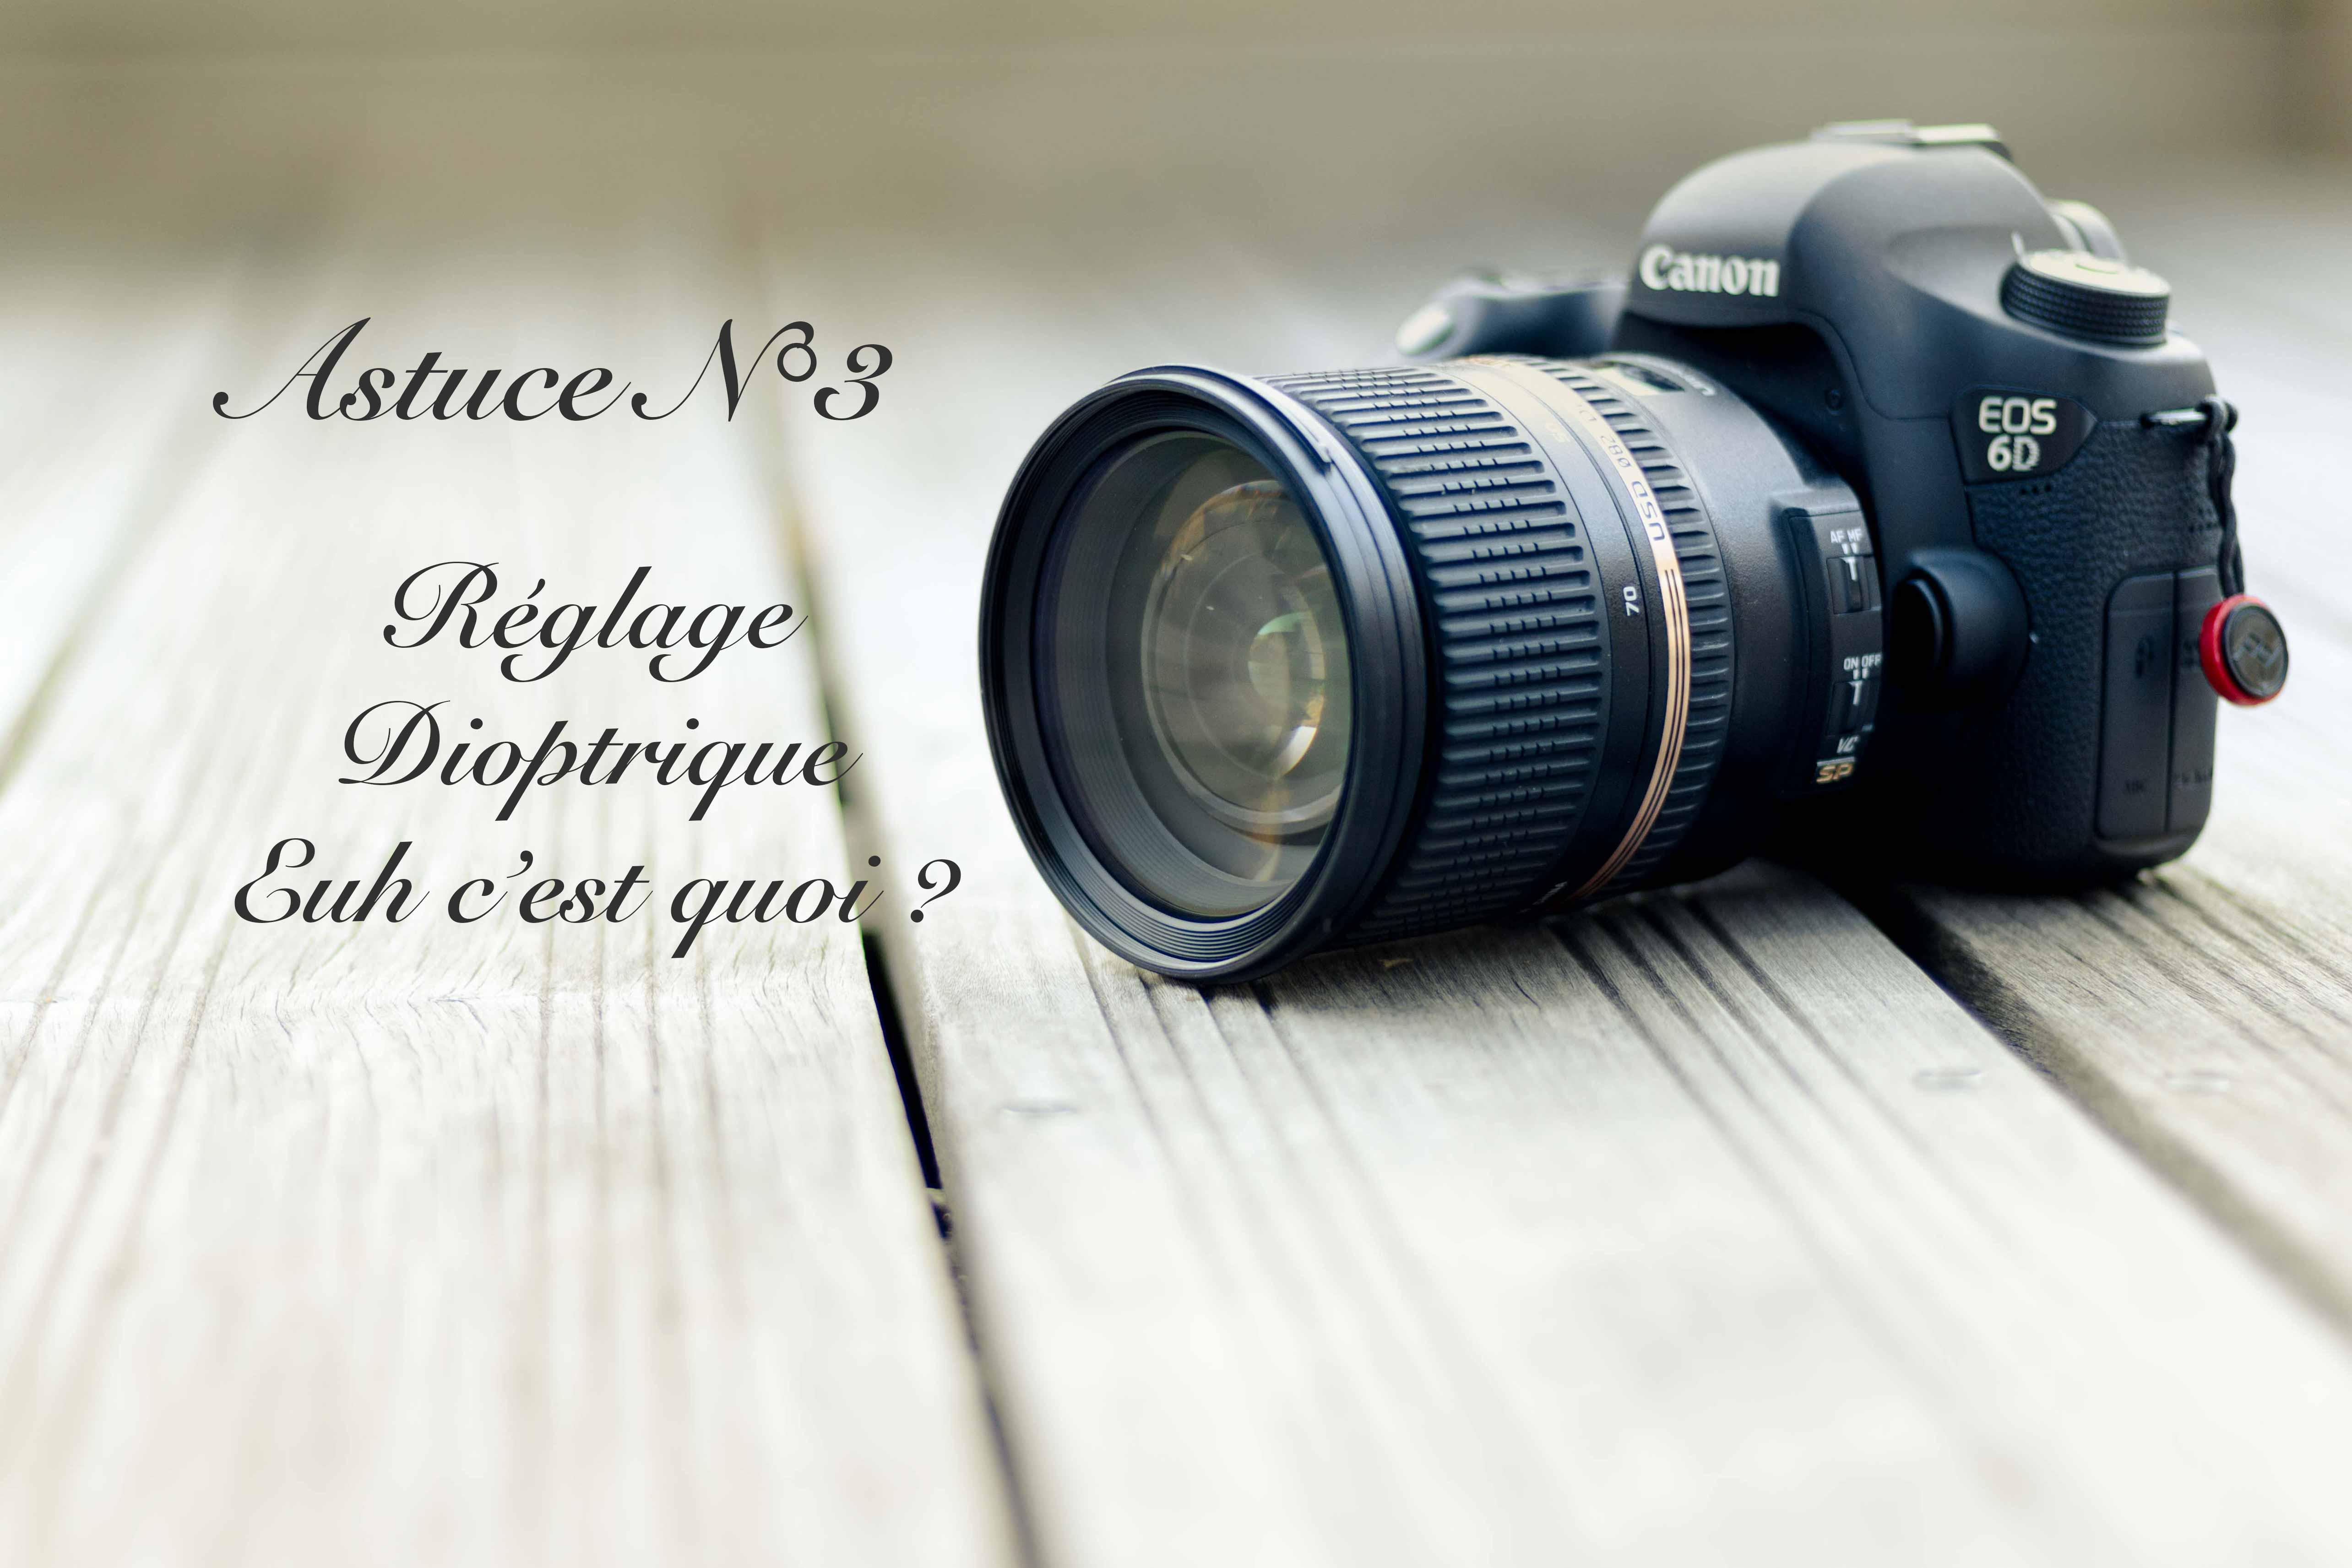 Réglage Dioptrique – Euh c'est quoi ? (3/52)